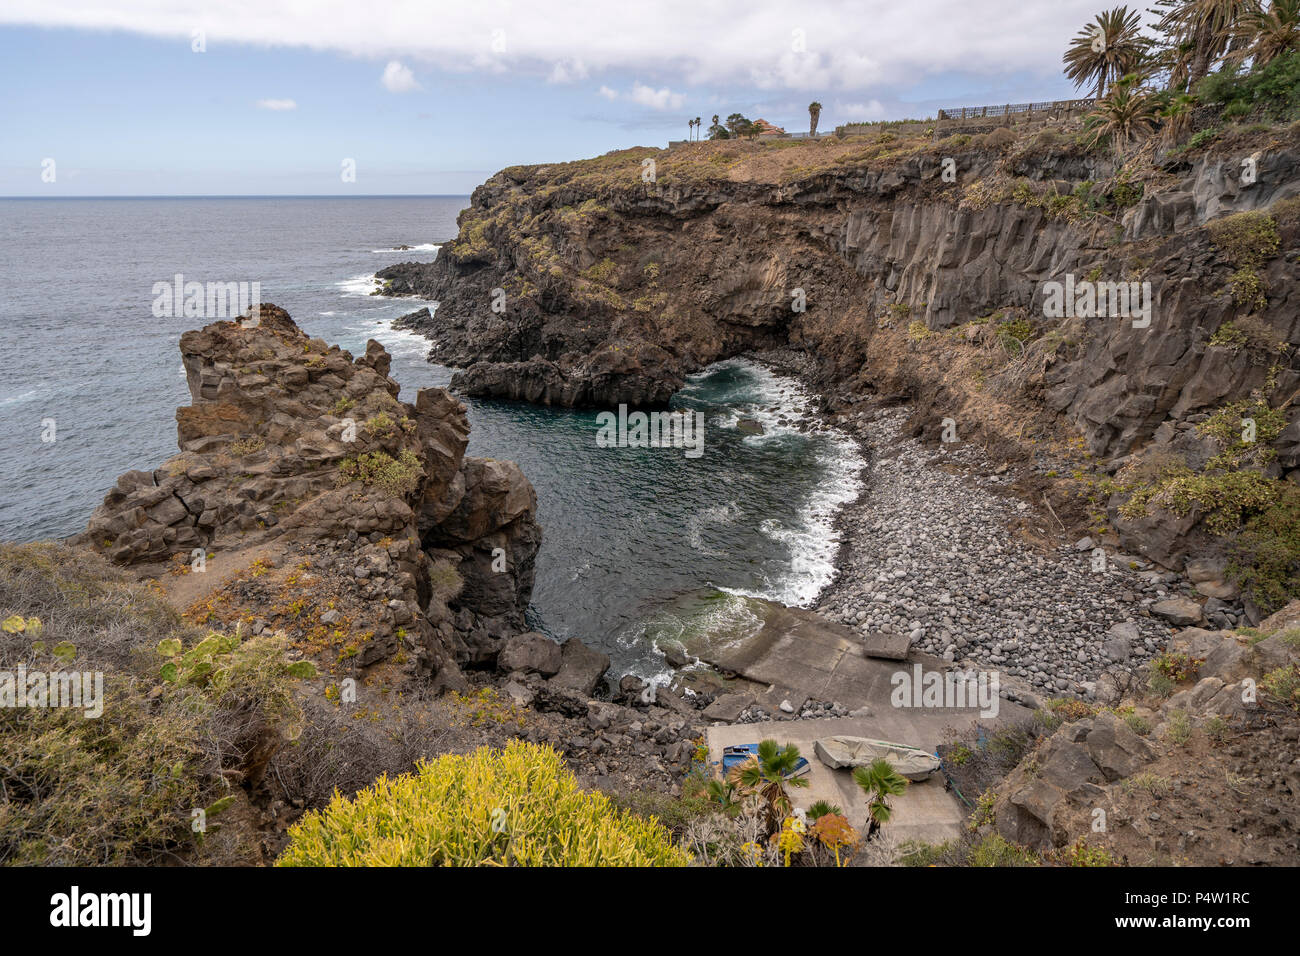 Views Of The Playa De Los Barqueros In Northen Part Of Tenerife